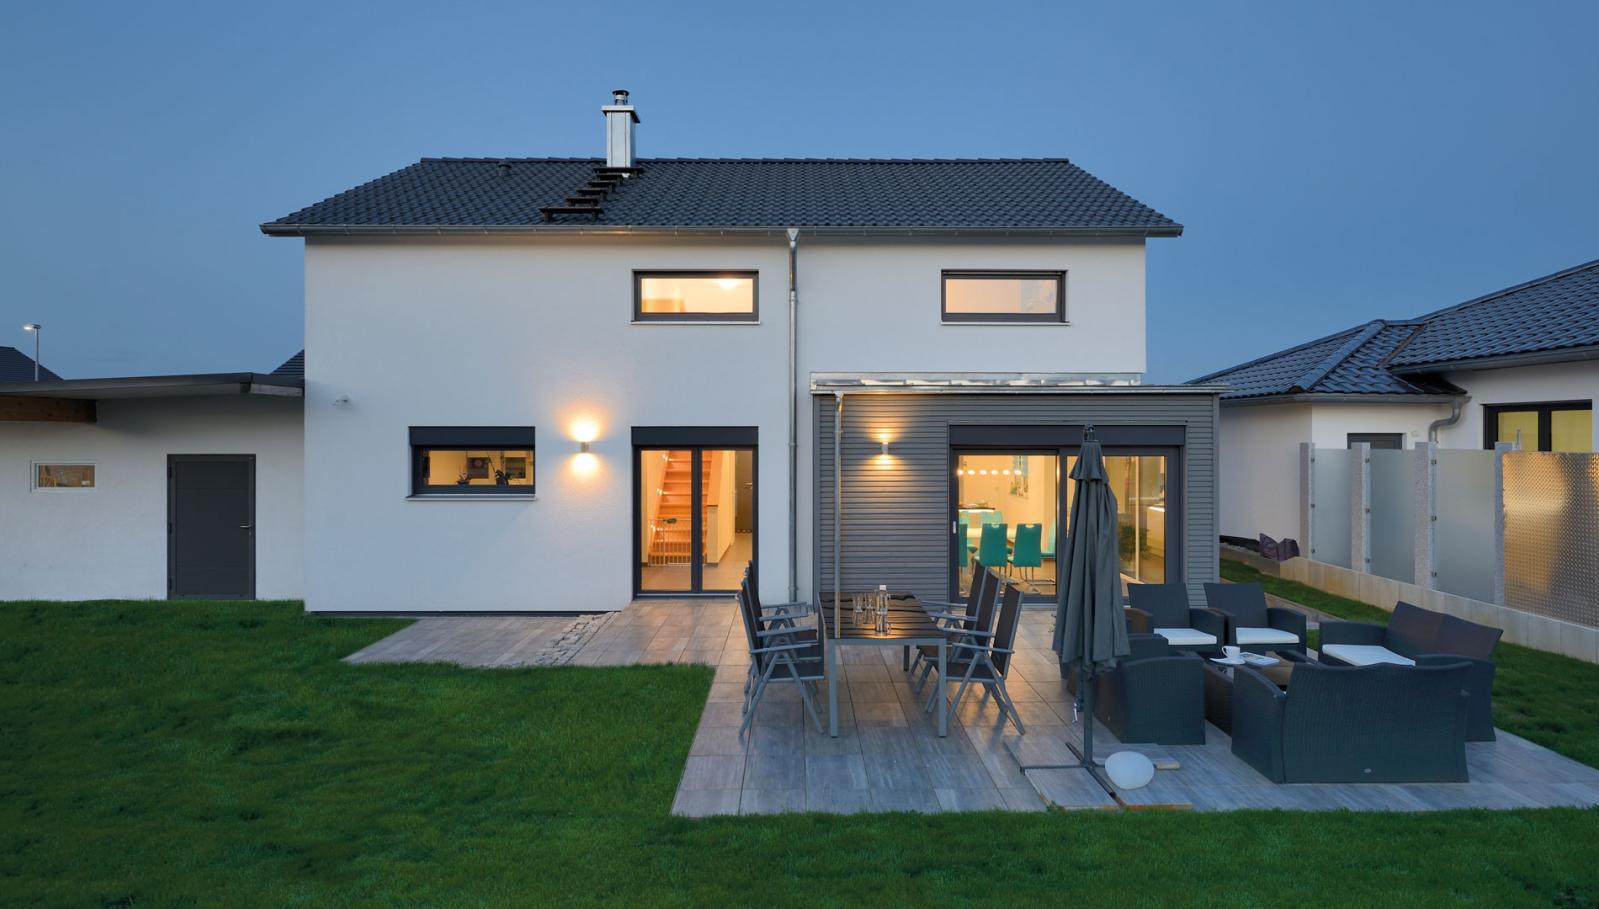 新农村 鞍屋房 途墅之家图纸设计, 小花园设计 独立车库 超大室内空间